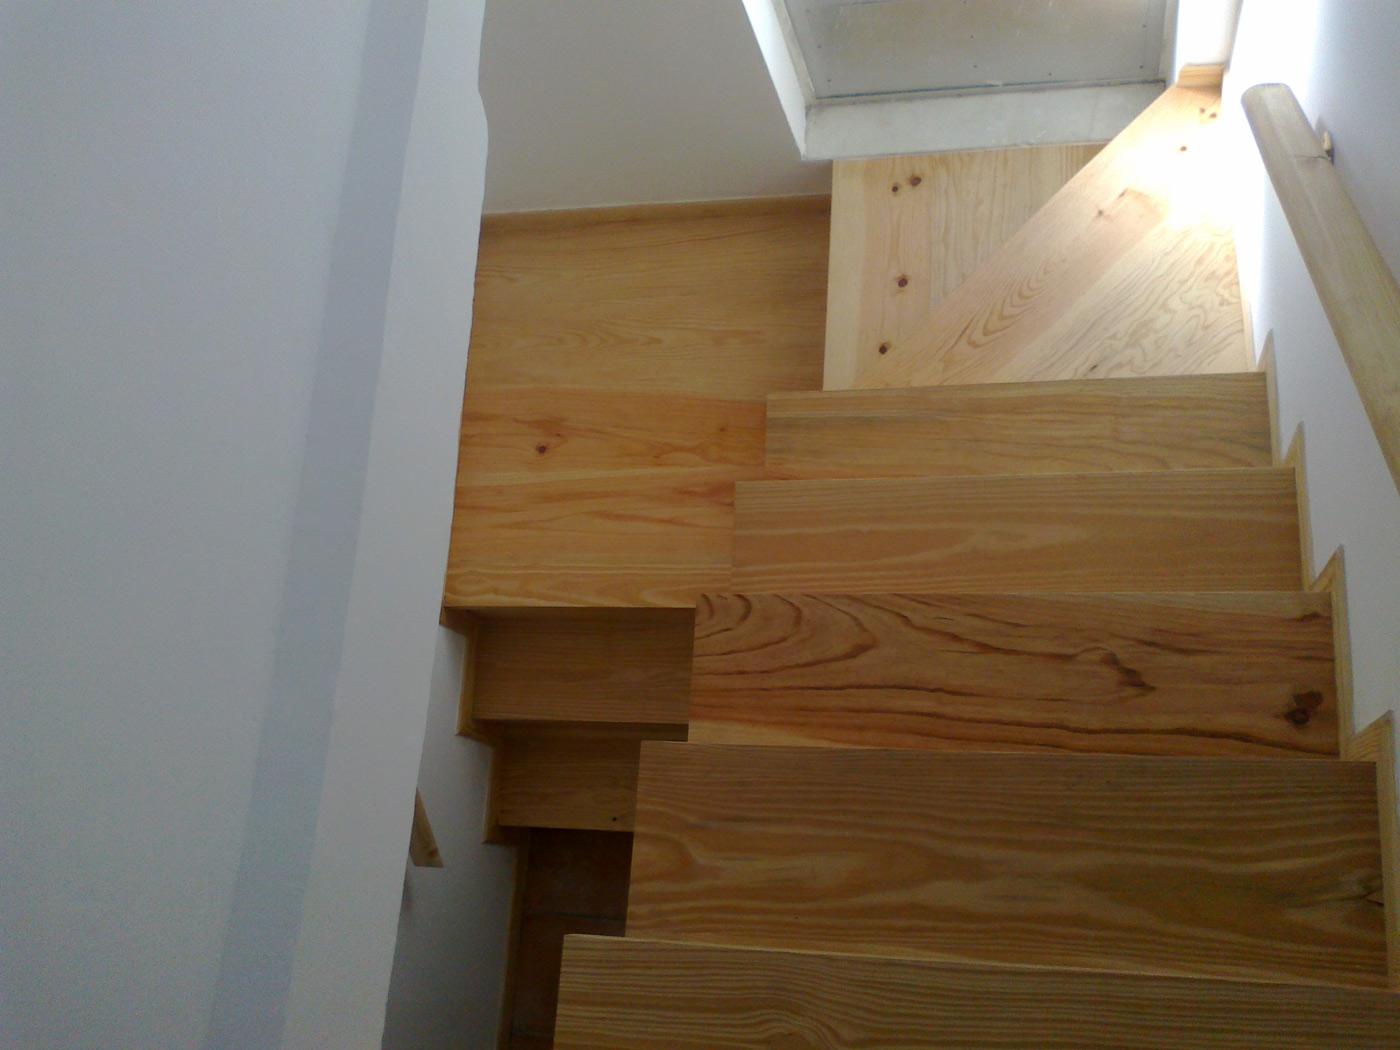 Reformas y construcción, empresa de carpintería en Teo